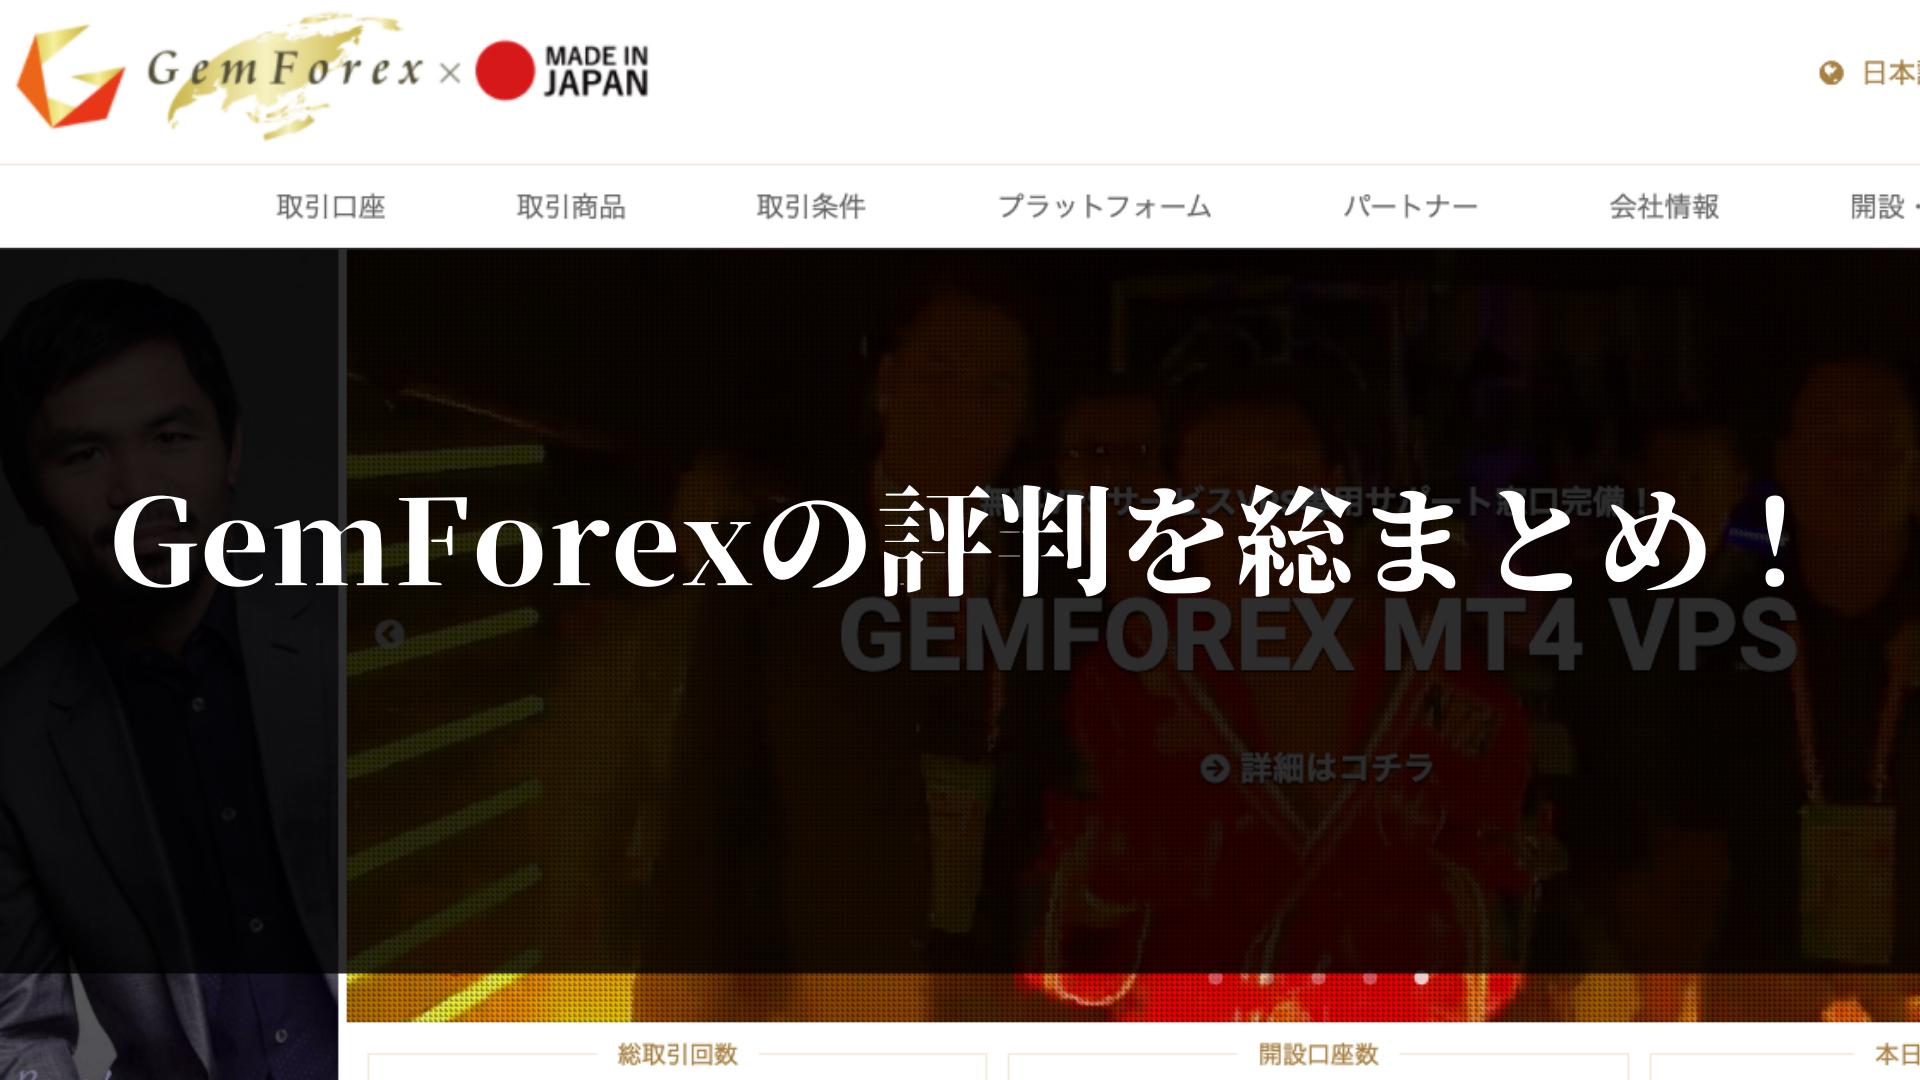 GemForexの評判を総まとめ!口座開設ボーナス、定期的に行われる入金100%ボーナスに、1,000倍のハイレバレッジ、そして無料で使えるEA、VPSが魅力の海外FX業者